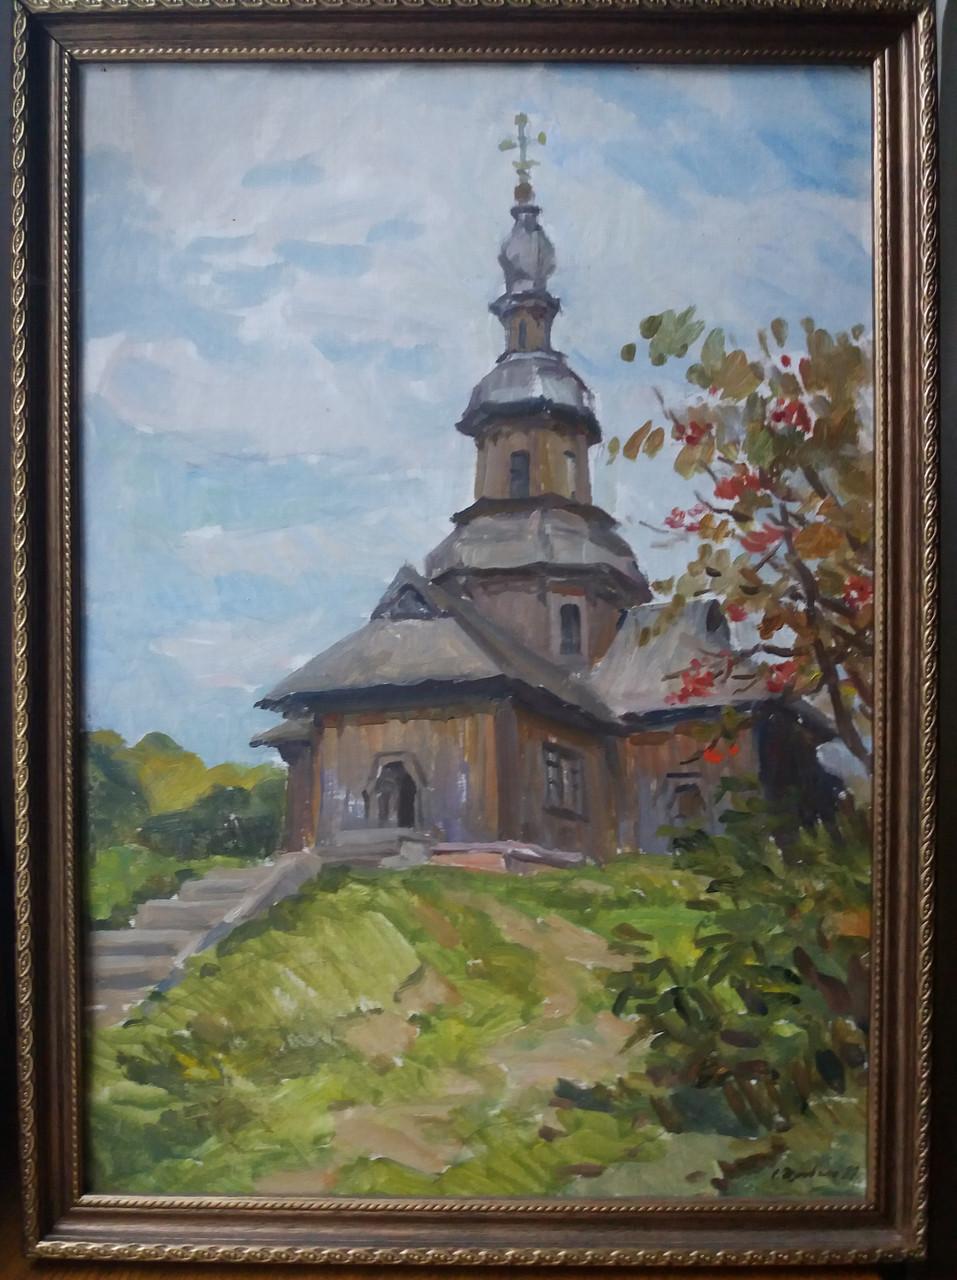 Картина И.Ф.Дзюбан Никольская церковь 1989 г.   Новгород-Северский